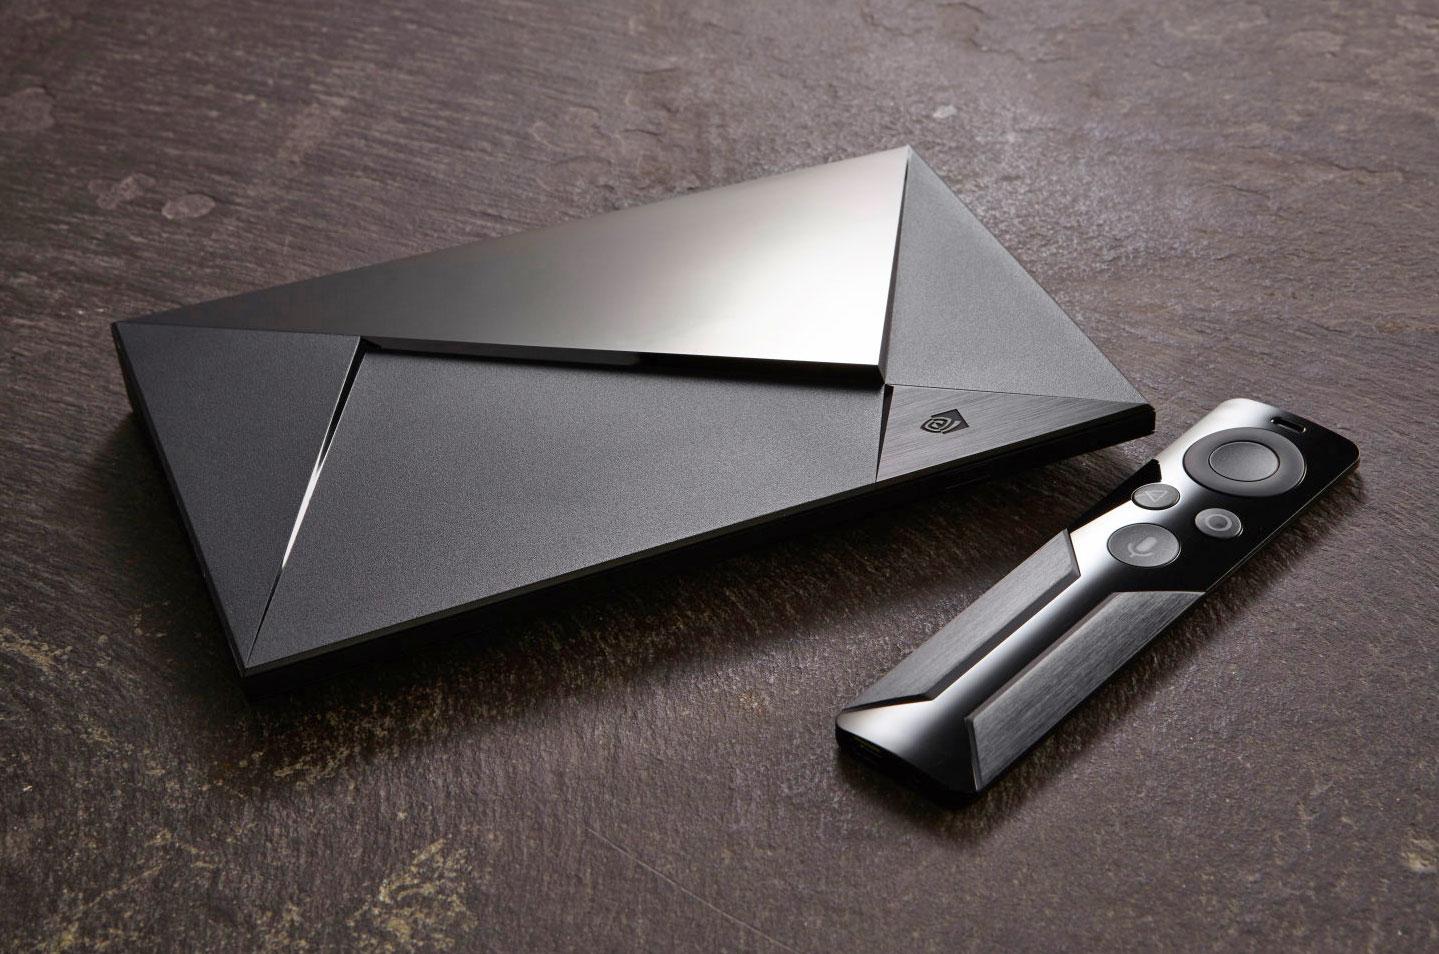 El NVIDIA Shield TV baja su precio por Navidad hasta unos suculentos 159 euros